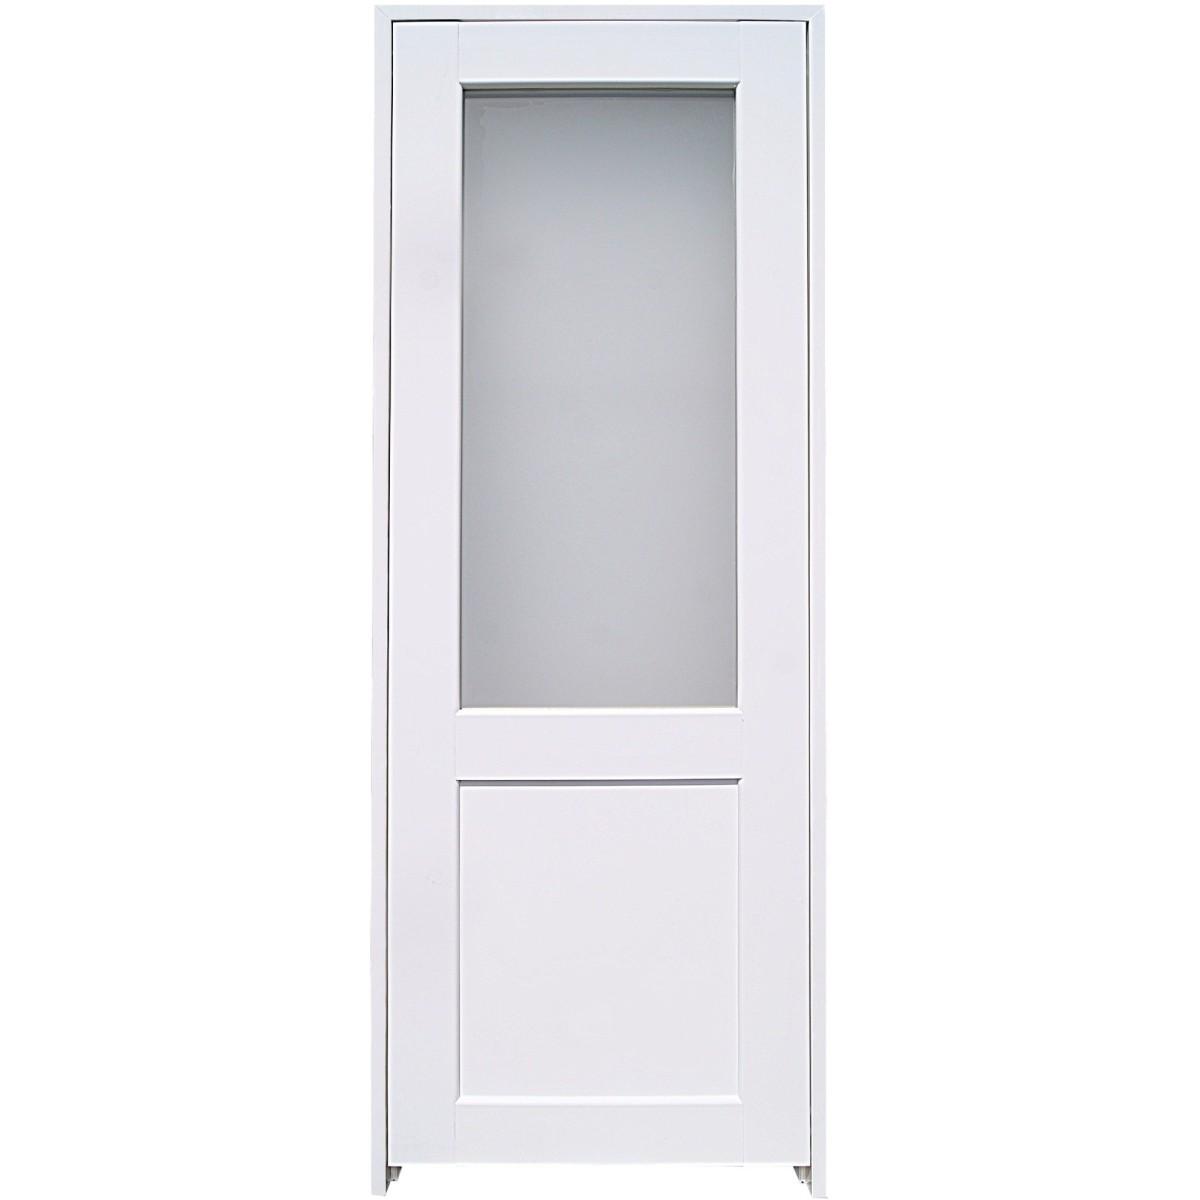 Блок дверной остеклённый с замком и петлями в комплекте Акваплюс 80x200 см ПВХ